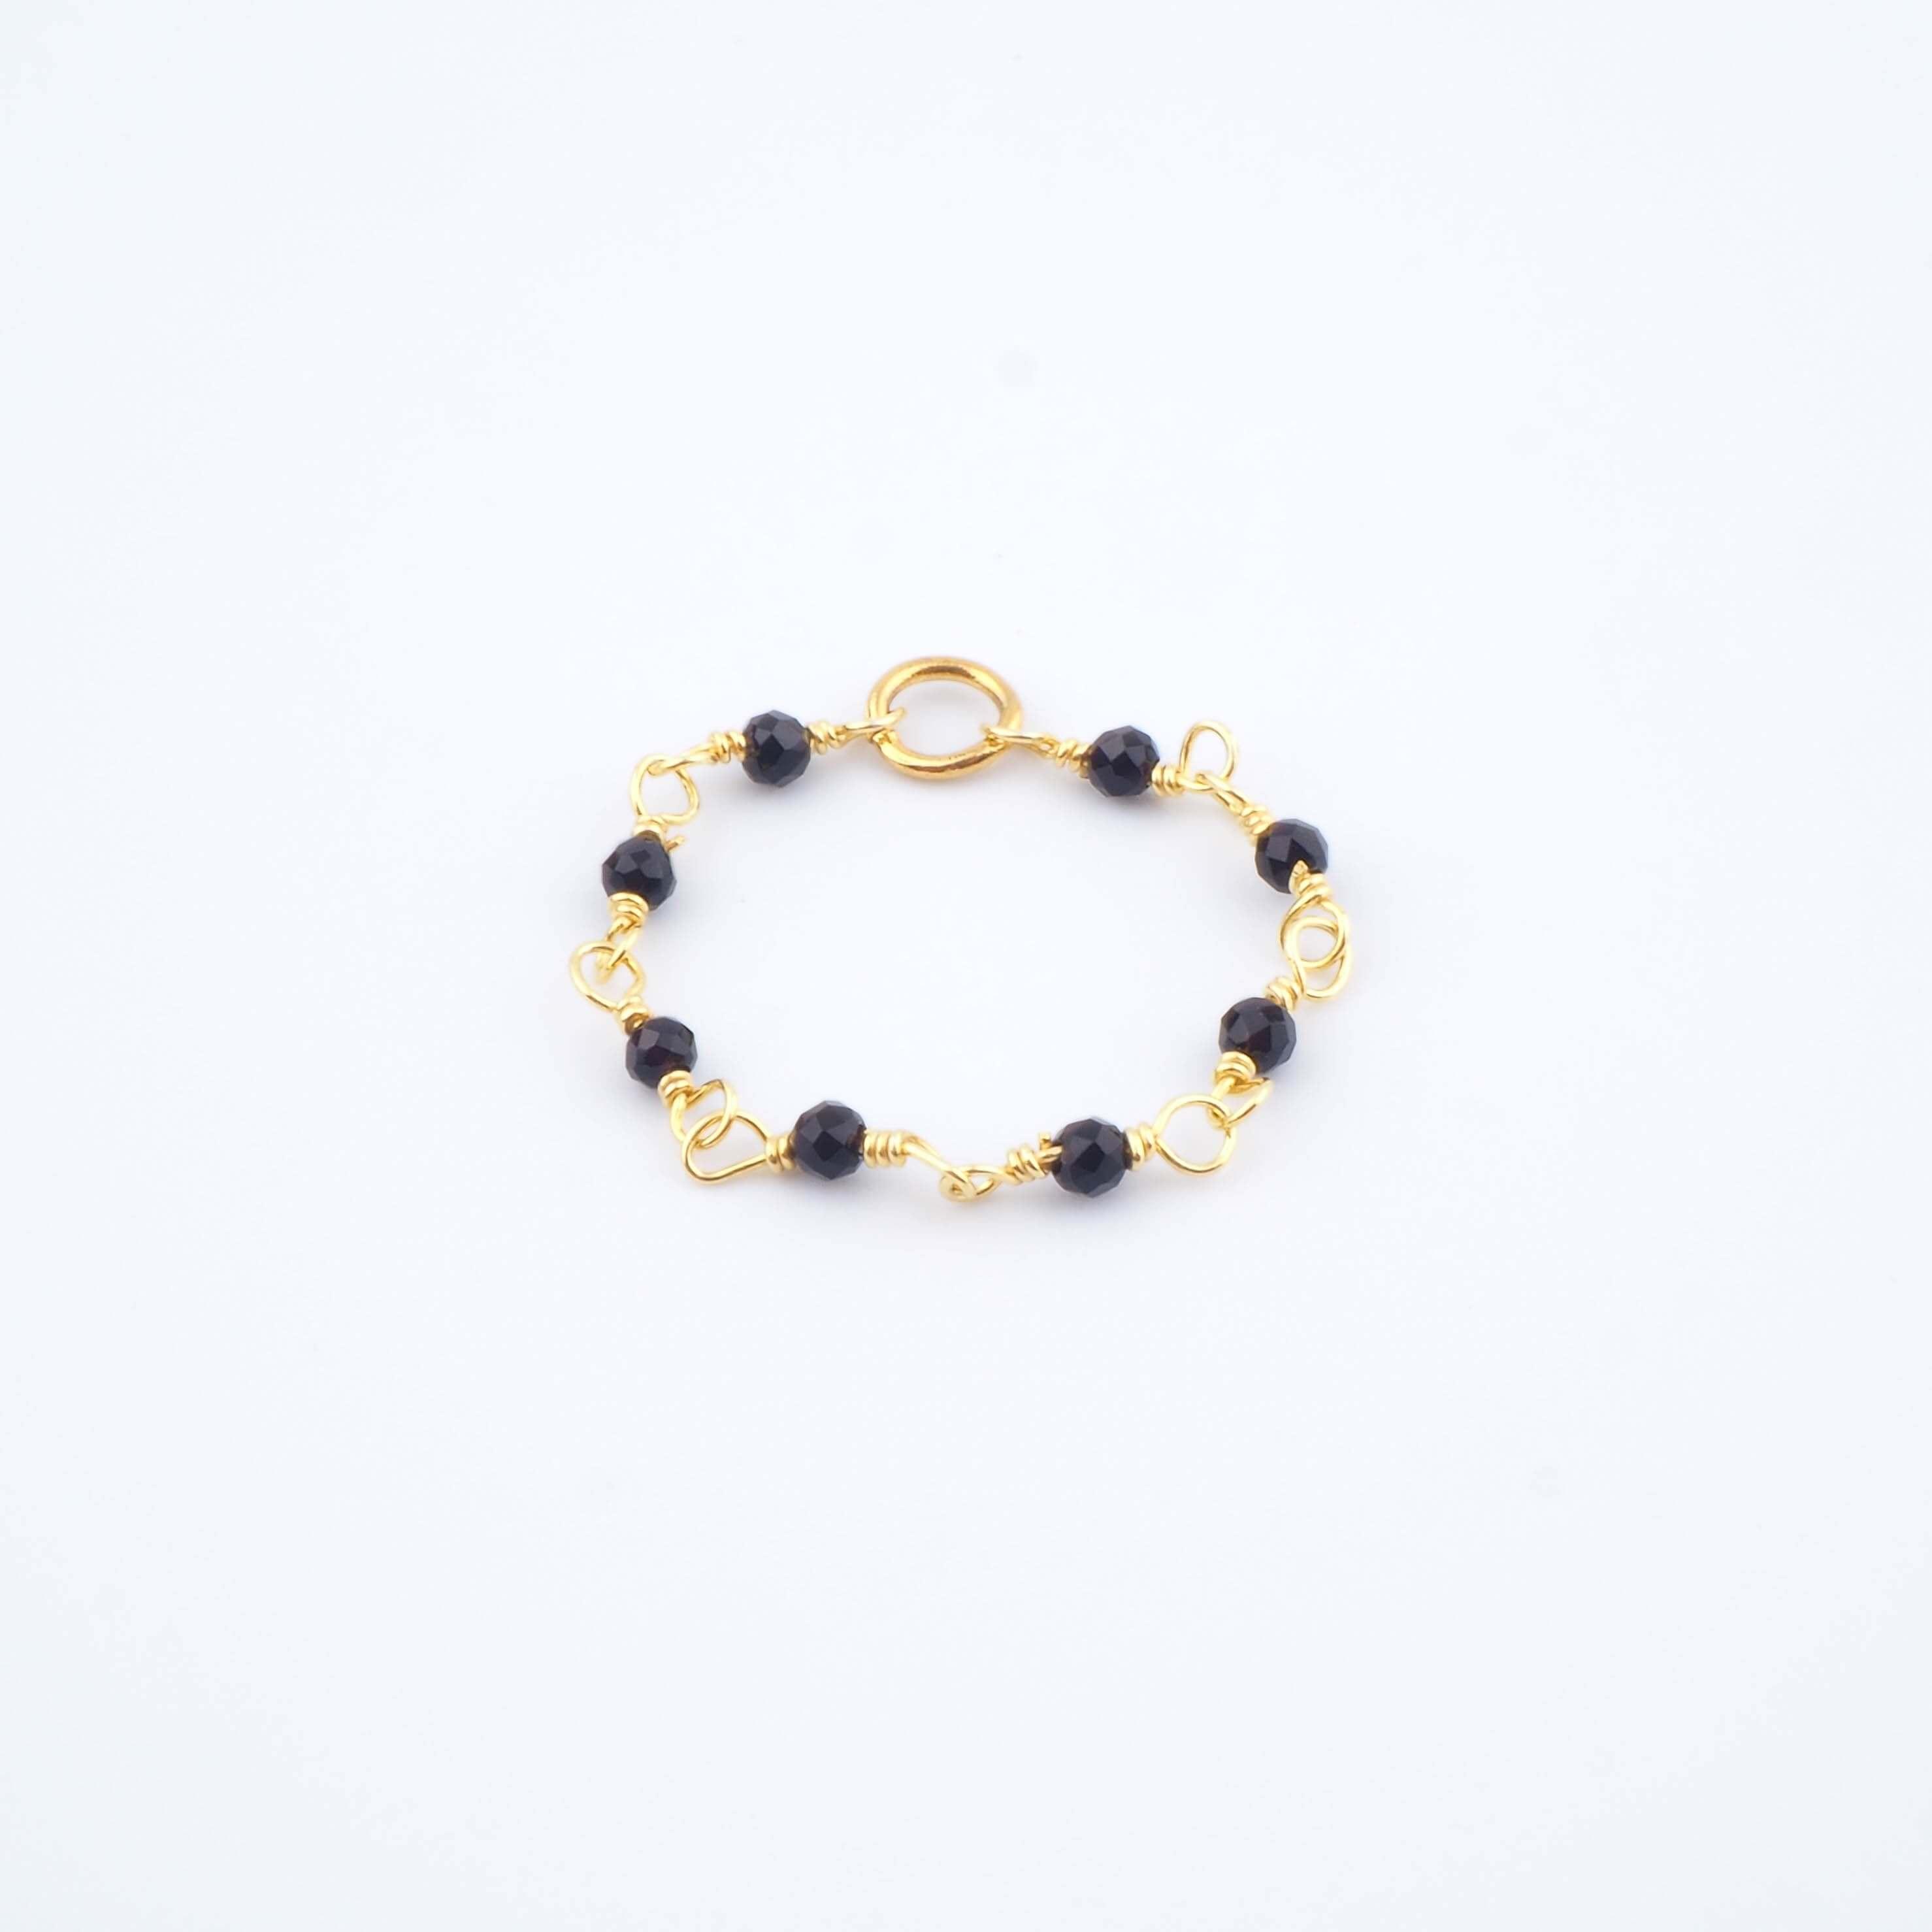 Bague Lya noire - Ginandger bijoux